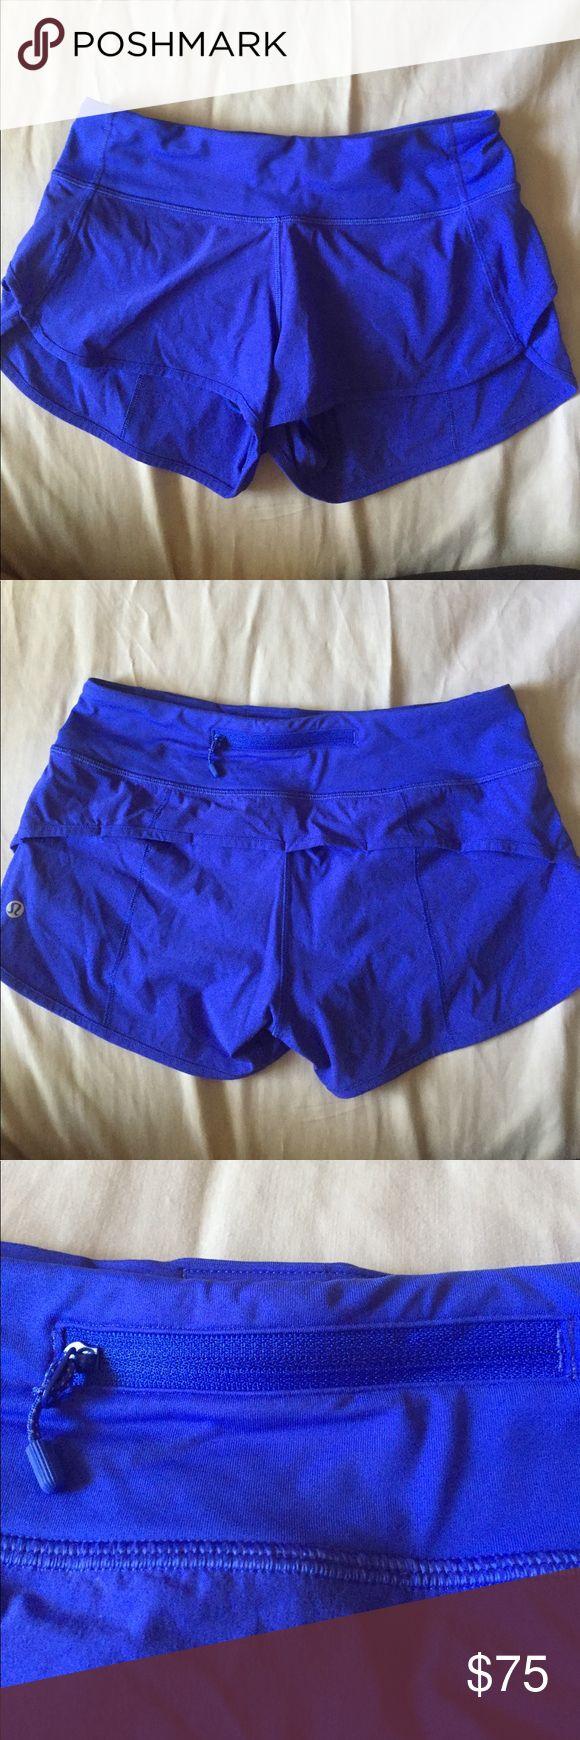 *BRAND NEW* Lululemon Shorts Never Worn✨  Brand new royal blue lululemon shorts ✨ Sizing runs small ✨ lululemon athletica Shorts